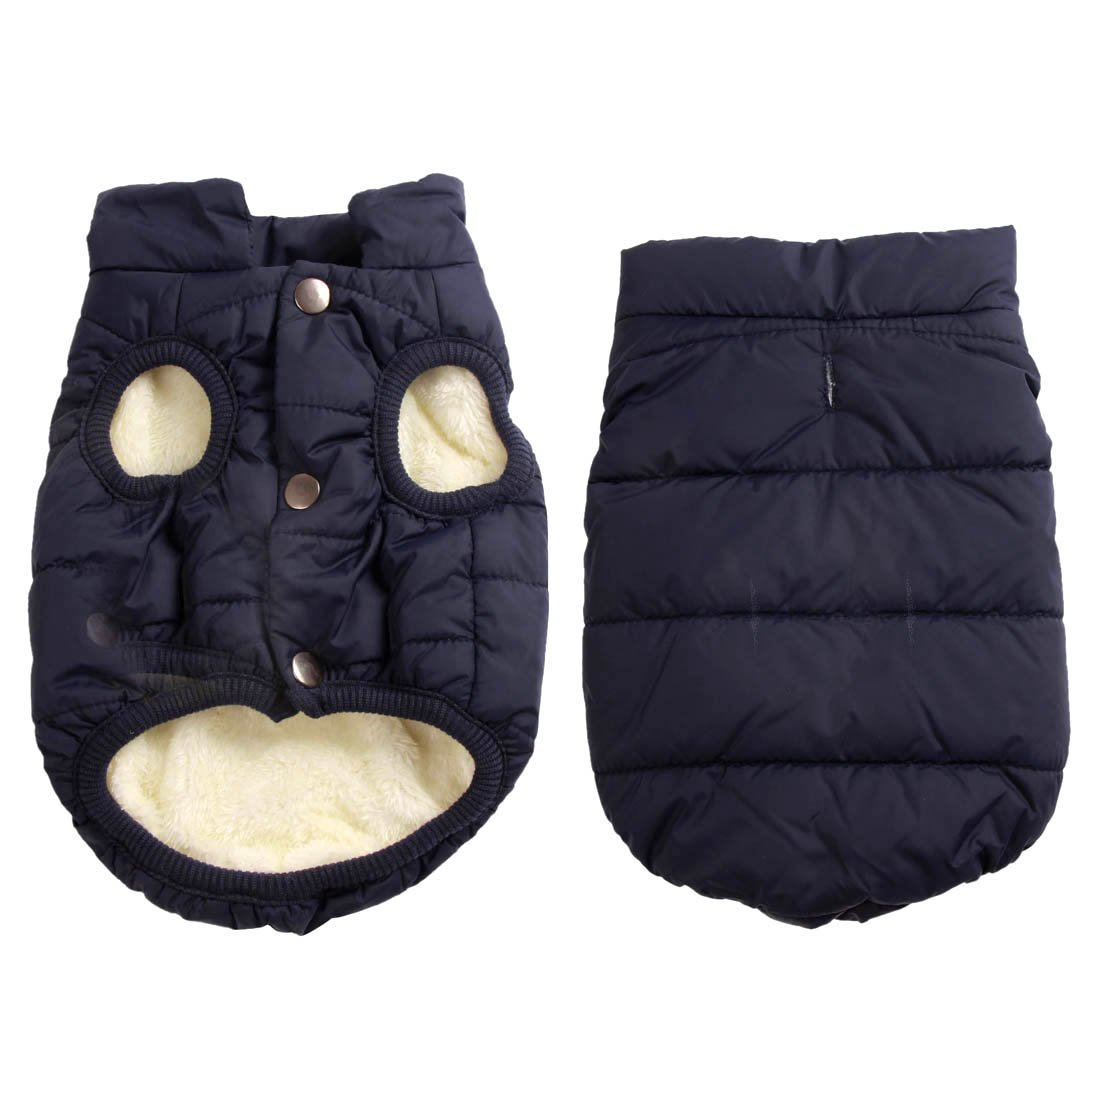 a 2 strati JoyDaog super calda e molto morbida giacca per cani foderata in pile ideale per il freddo e per l/'inverno gilet antivento per cani